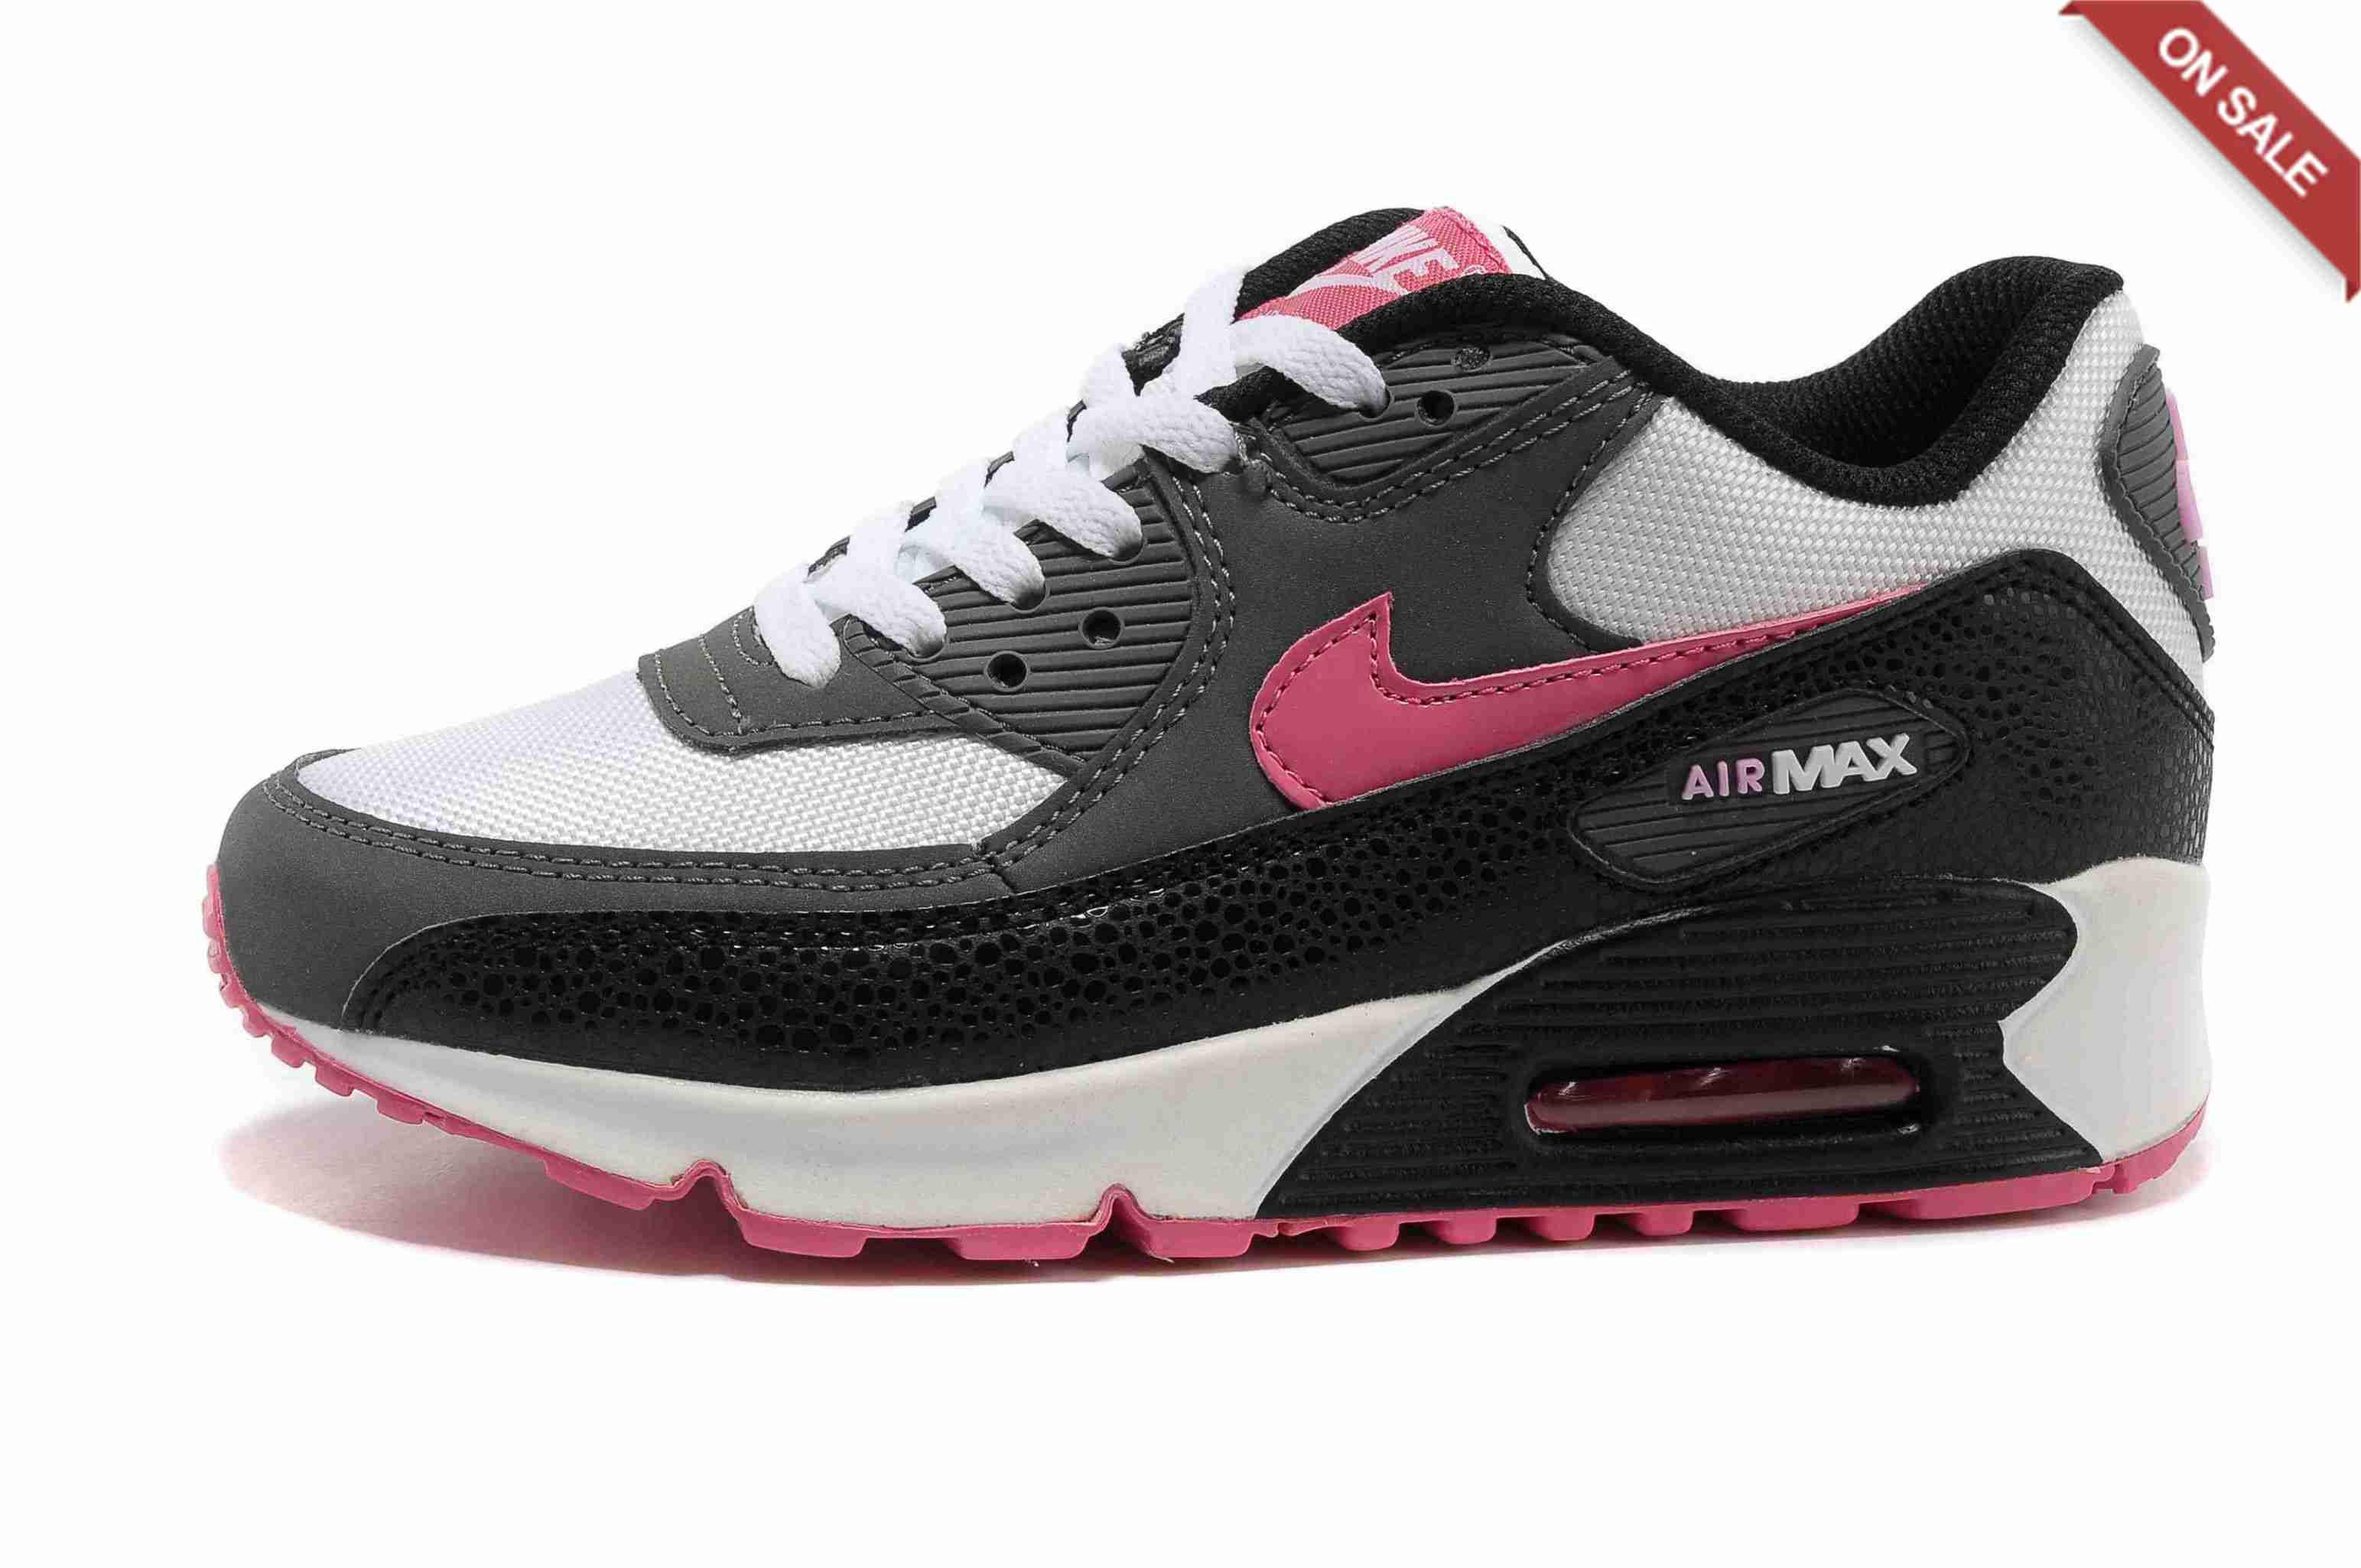 official shop 100% authentic genuine shoes air max femme 41 pas cher